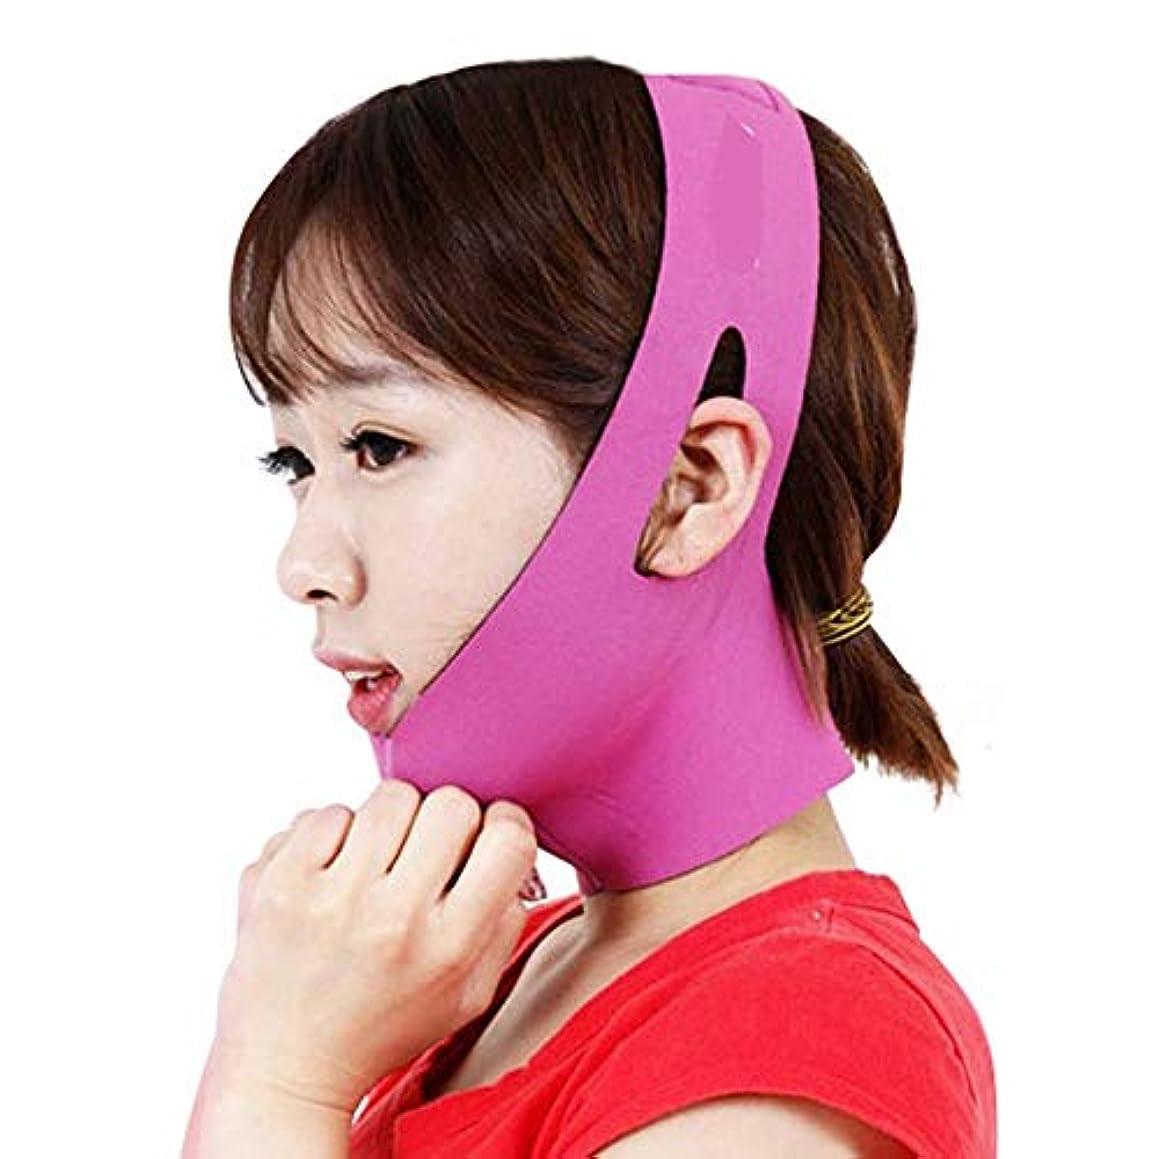 スキッパー緊急データMinmin フェイシャルリフティング痩身ベルト圧縮二重あご減量ベルトスキンケア薄い顔包帯二重あごワークアウト みんみんVラインフェイスマスク (Color : Pink)